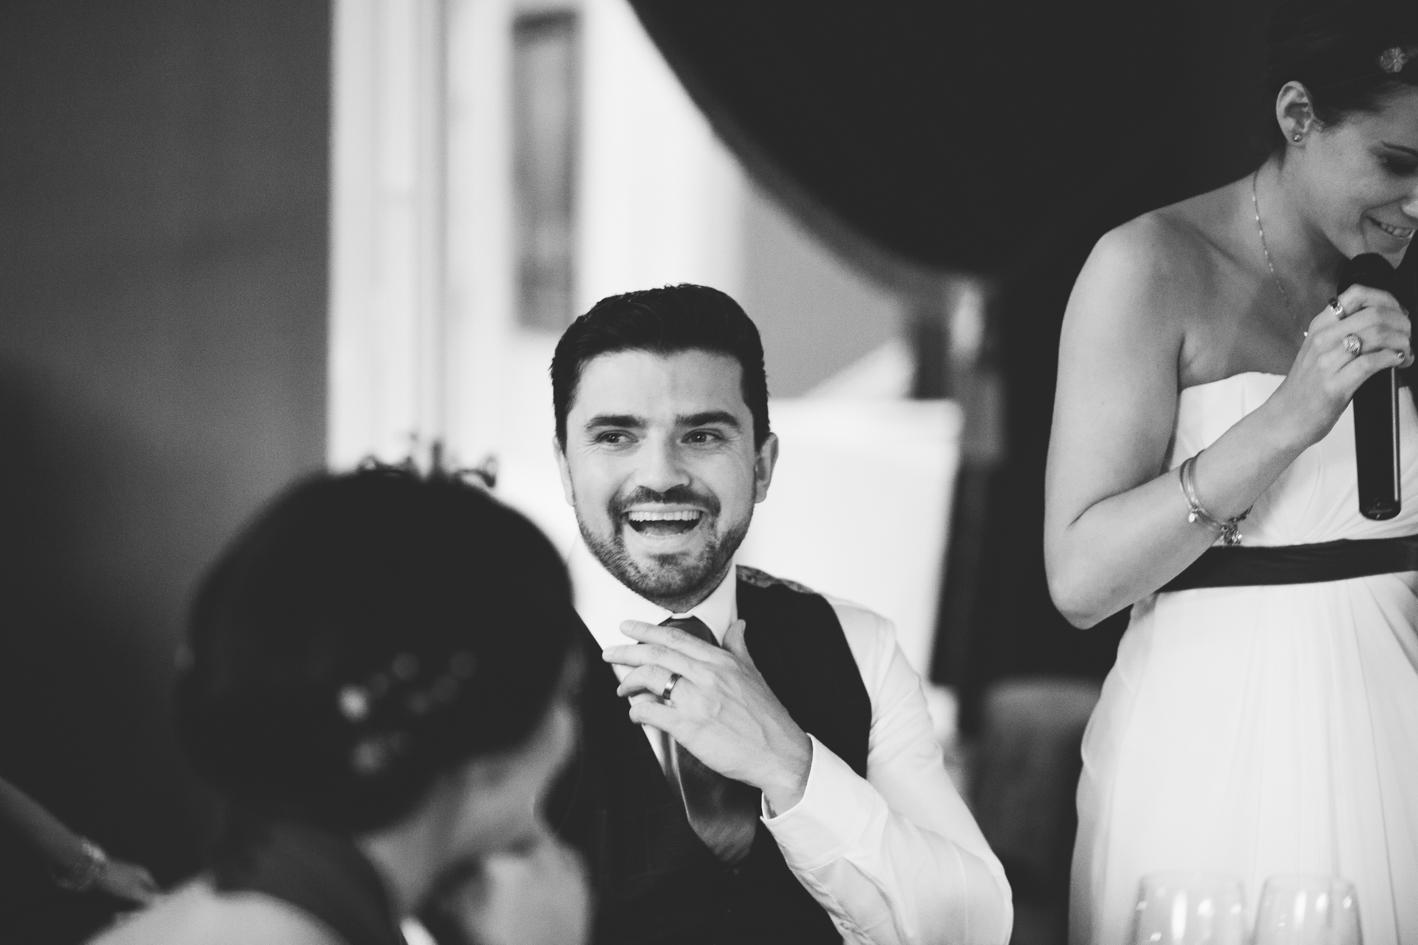 Wedding photographer Ireland Graciela Vilagudin 870.jpg